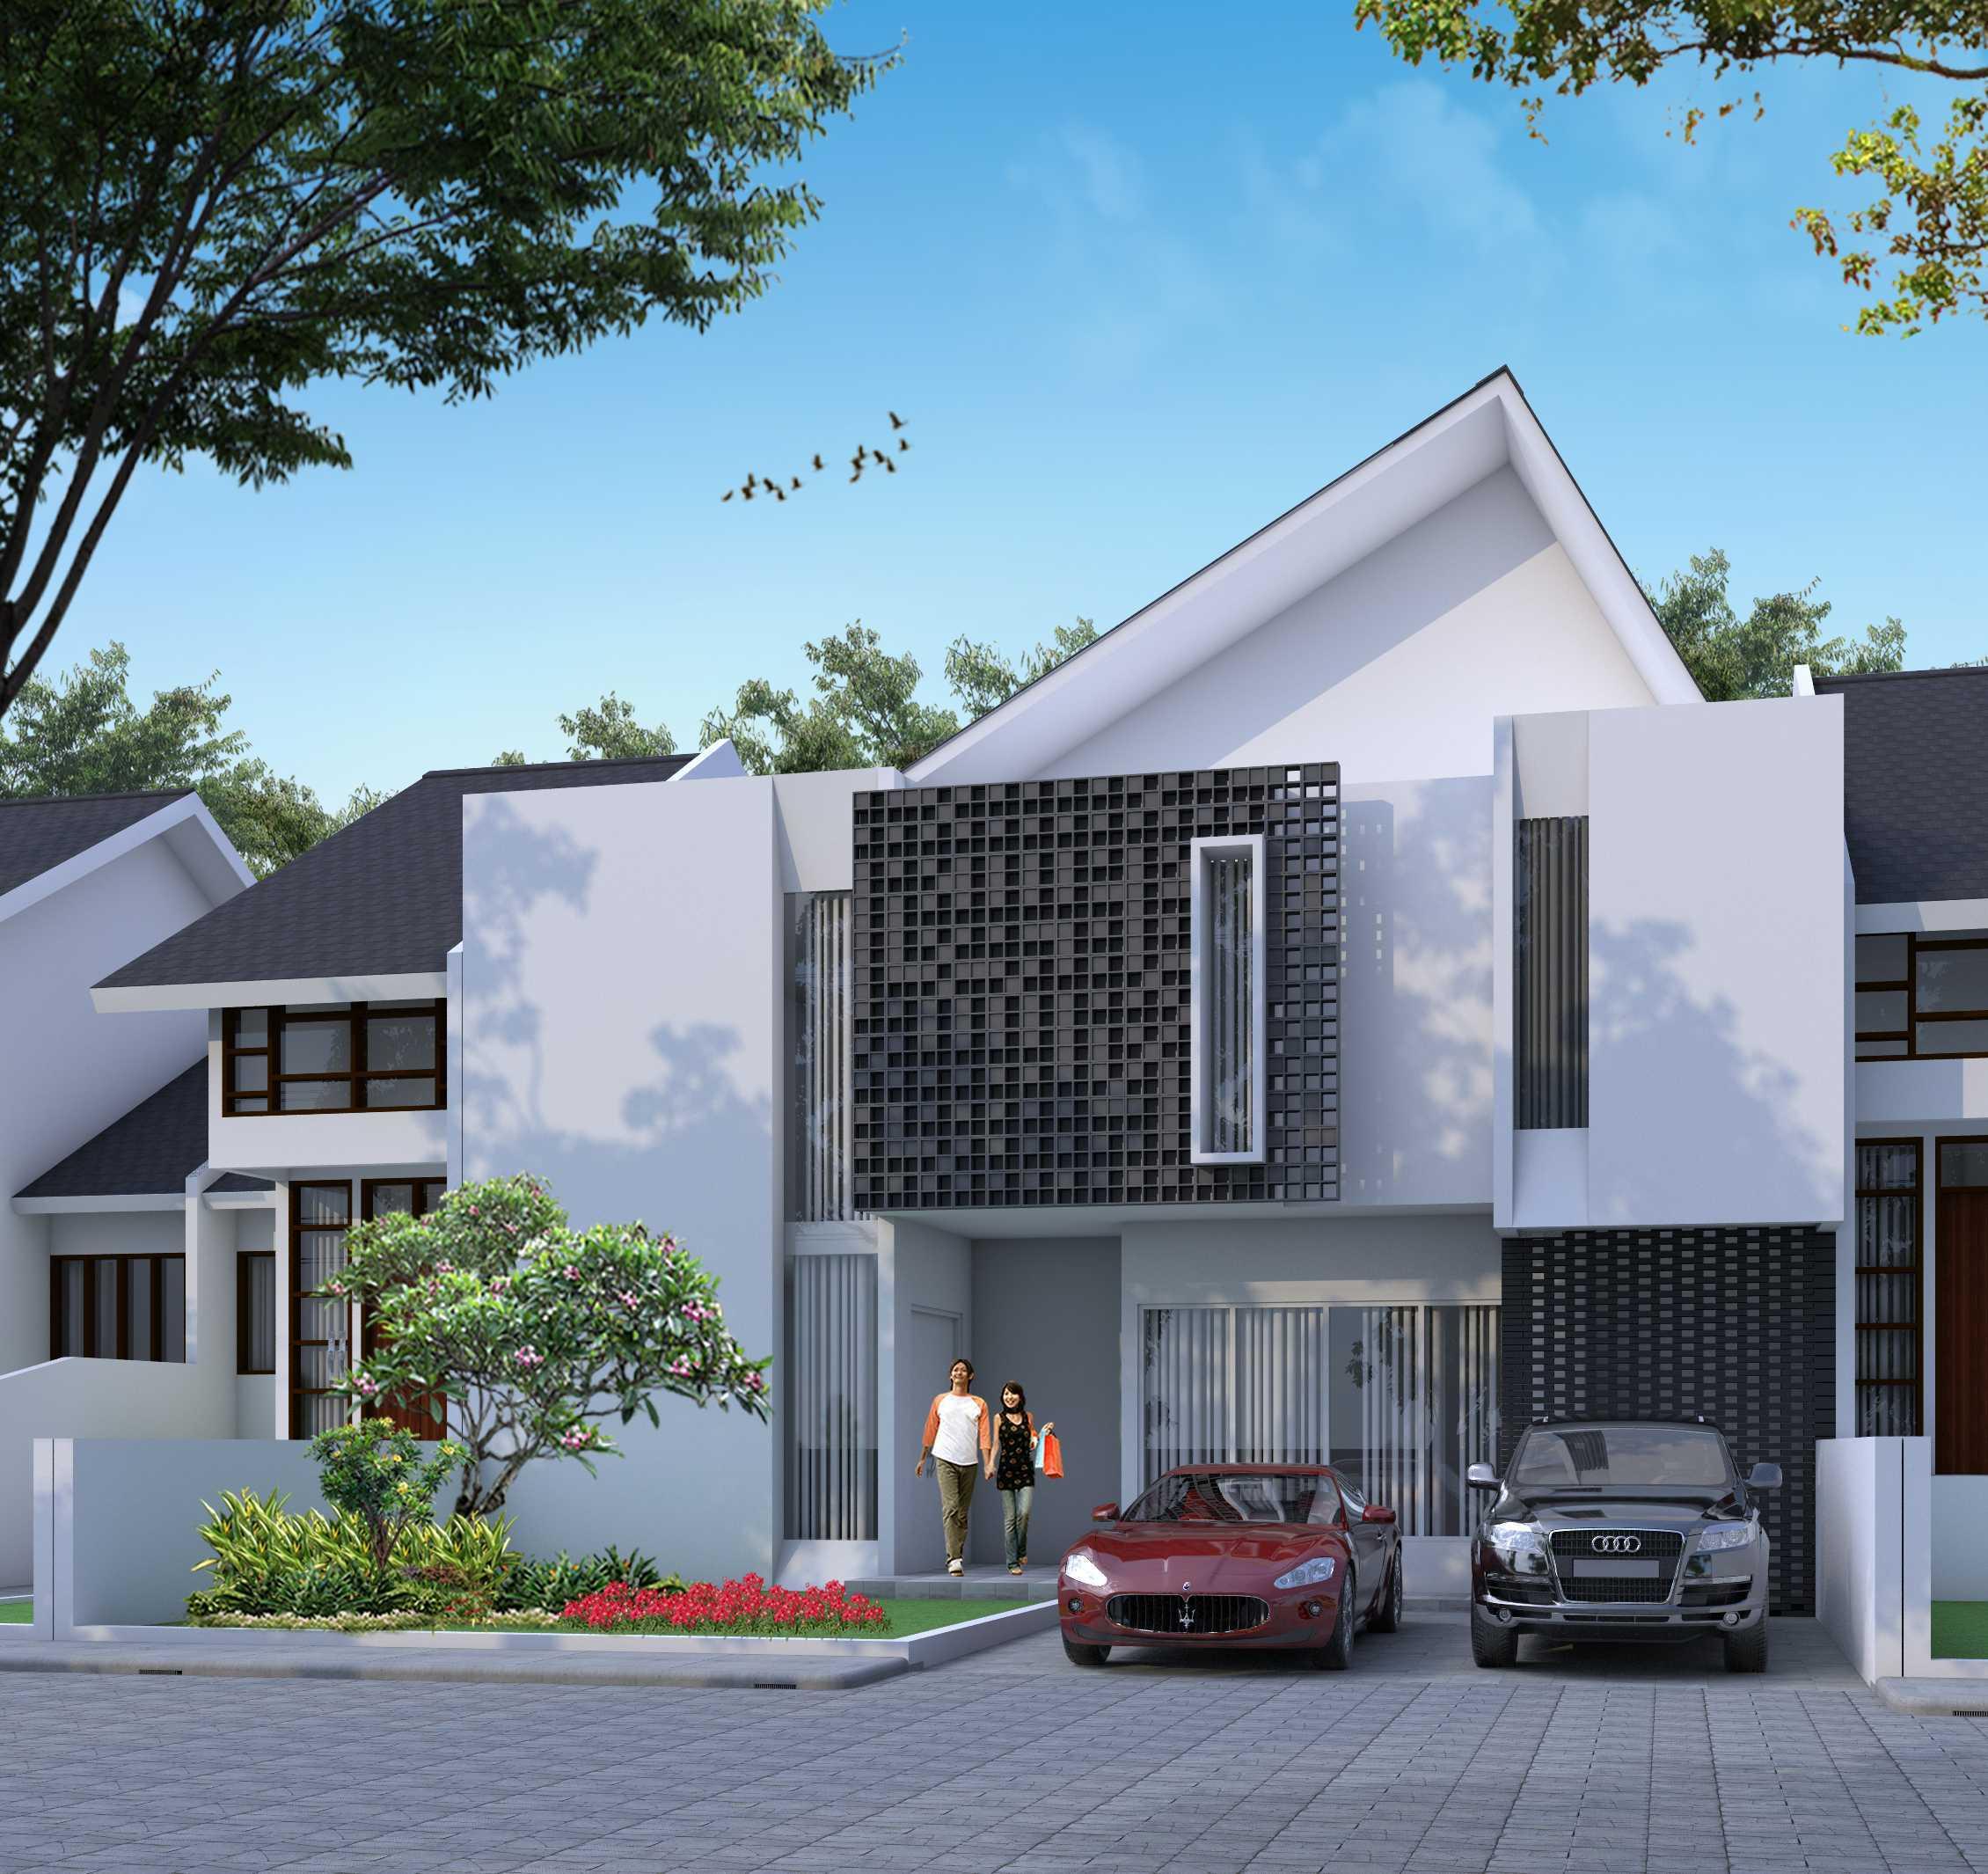 Alinea  Architects Wd House Jl. Jalur Sutera, Kunciran, Pinang, Kota Tangerang, Banten 15143, Indonesia  Front View Rendering Minimalist  39748